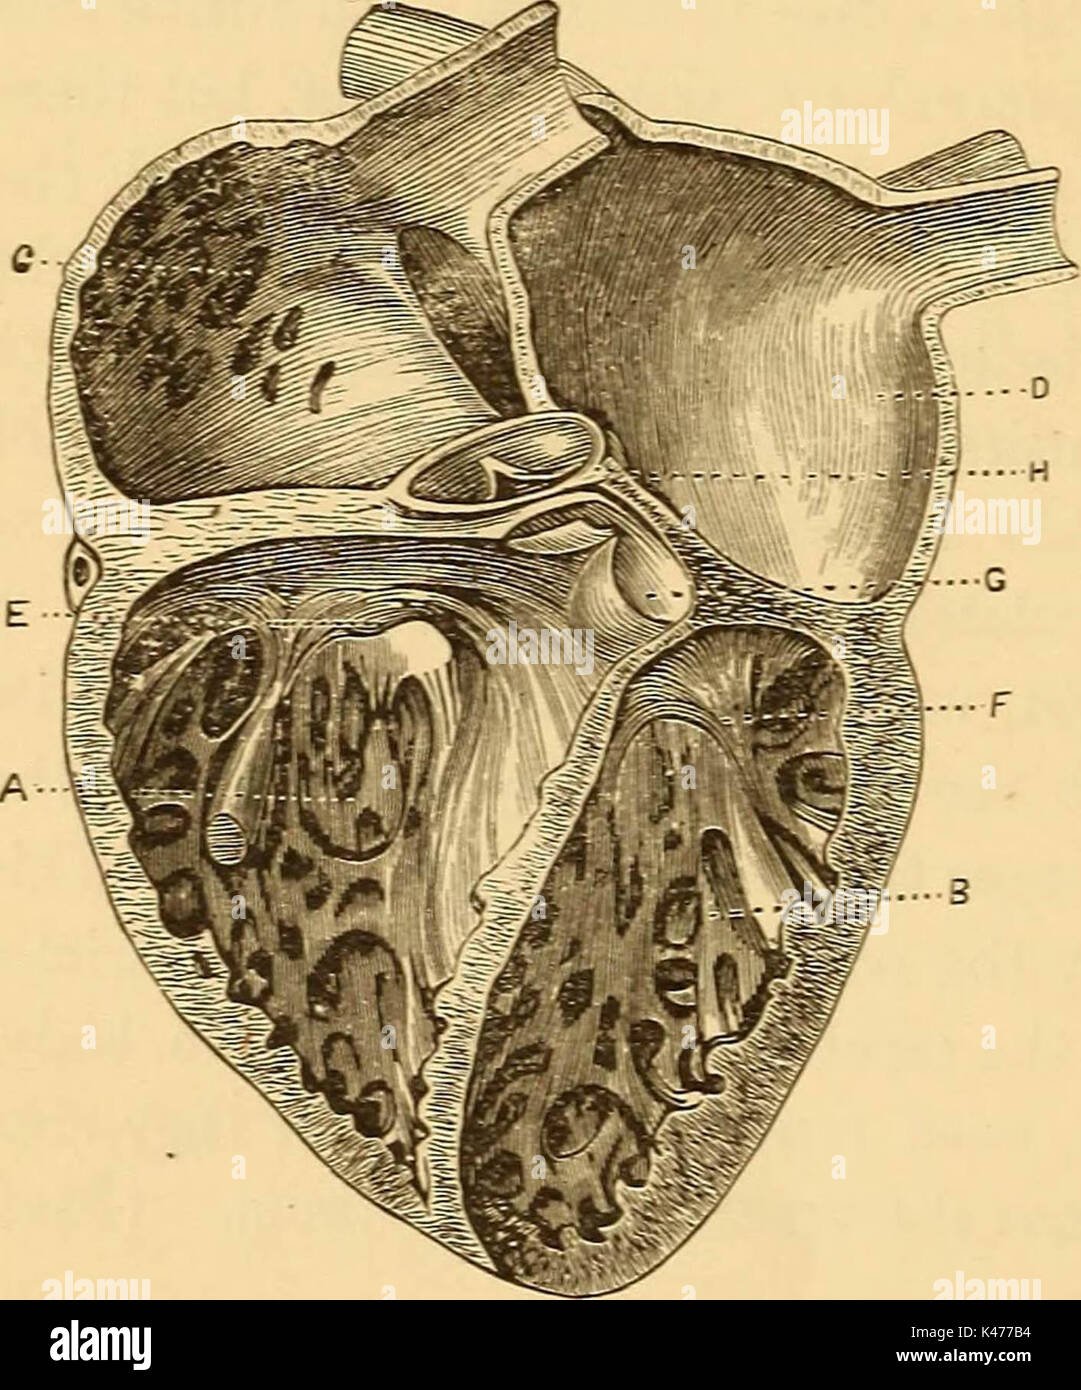 """""""Un tratado sobre la fisiología y la higiene para instituciones educativas y lectores en general .."""" (1887) Imagen De Stock"""